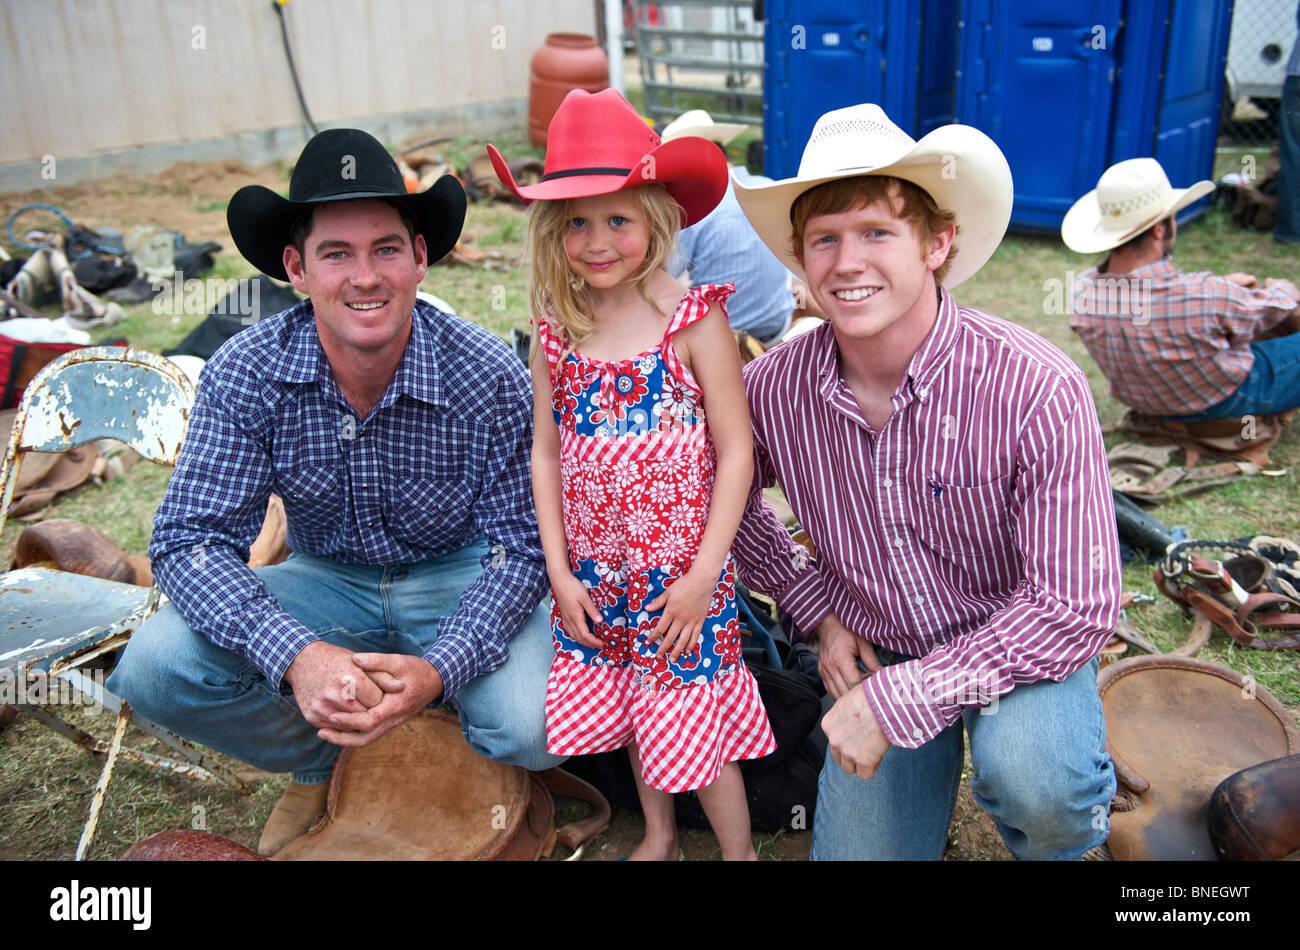 Six jeunes année cowgirl posant avec un membre de l'érythroblastopénie Rodeo Cowboys à Petite-ville, Bridgeport, Texas, États-Unis Banque D'Images